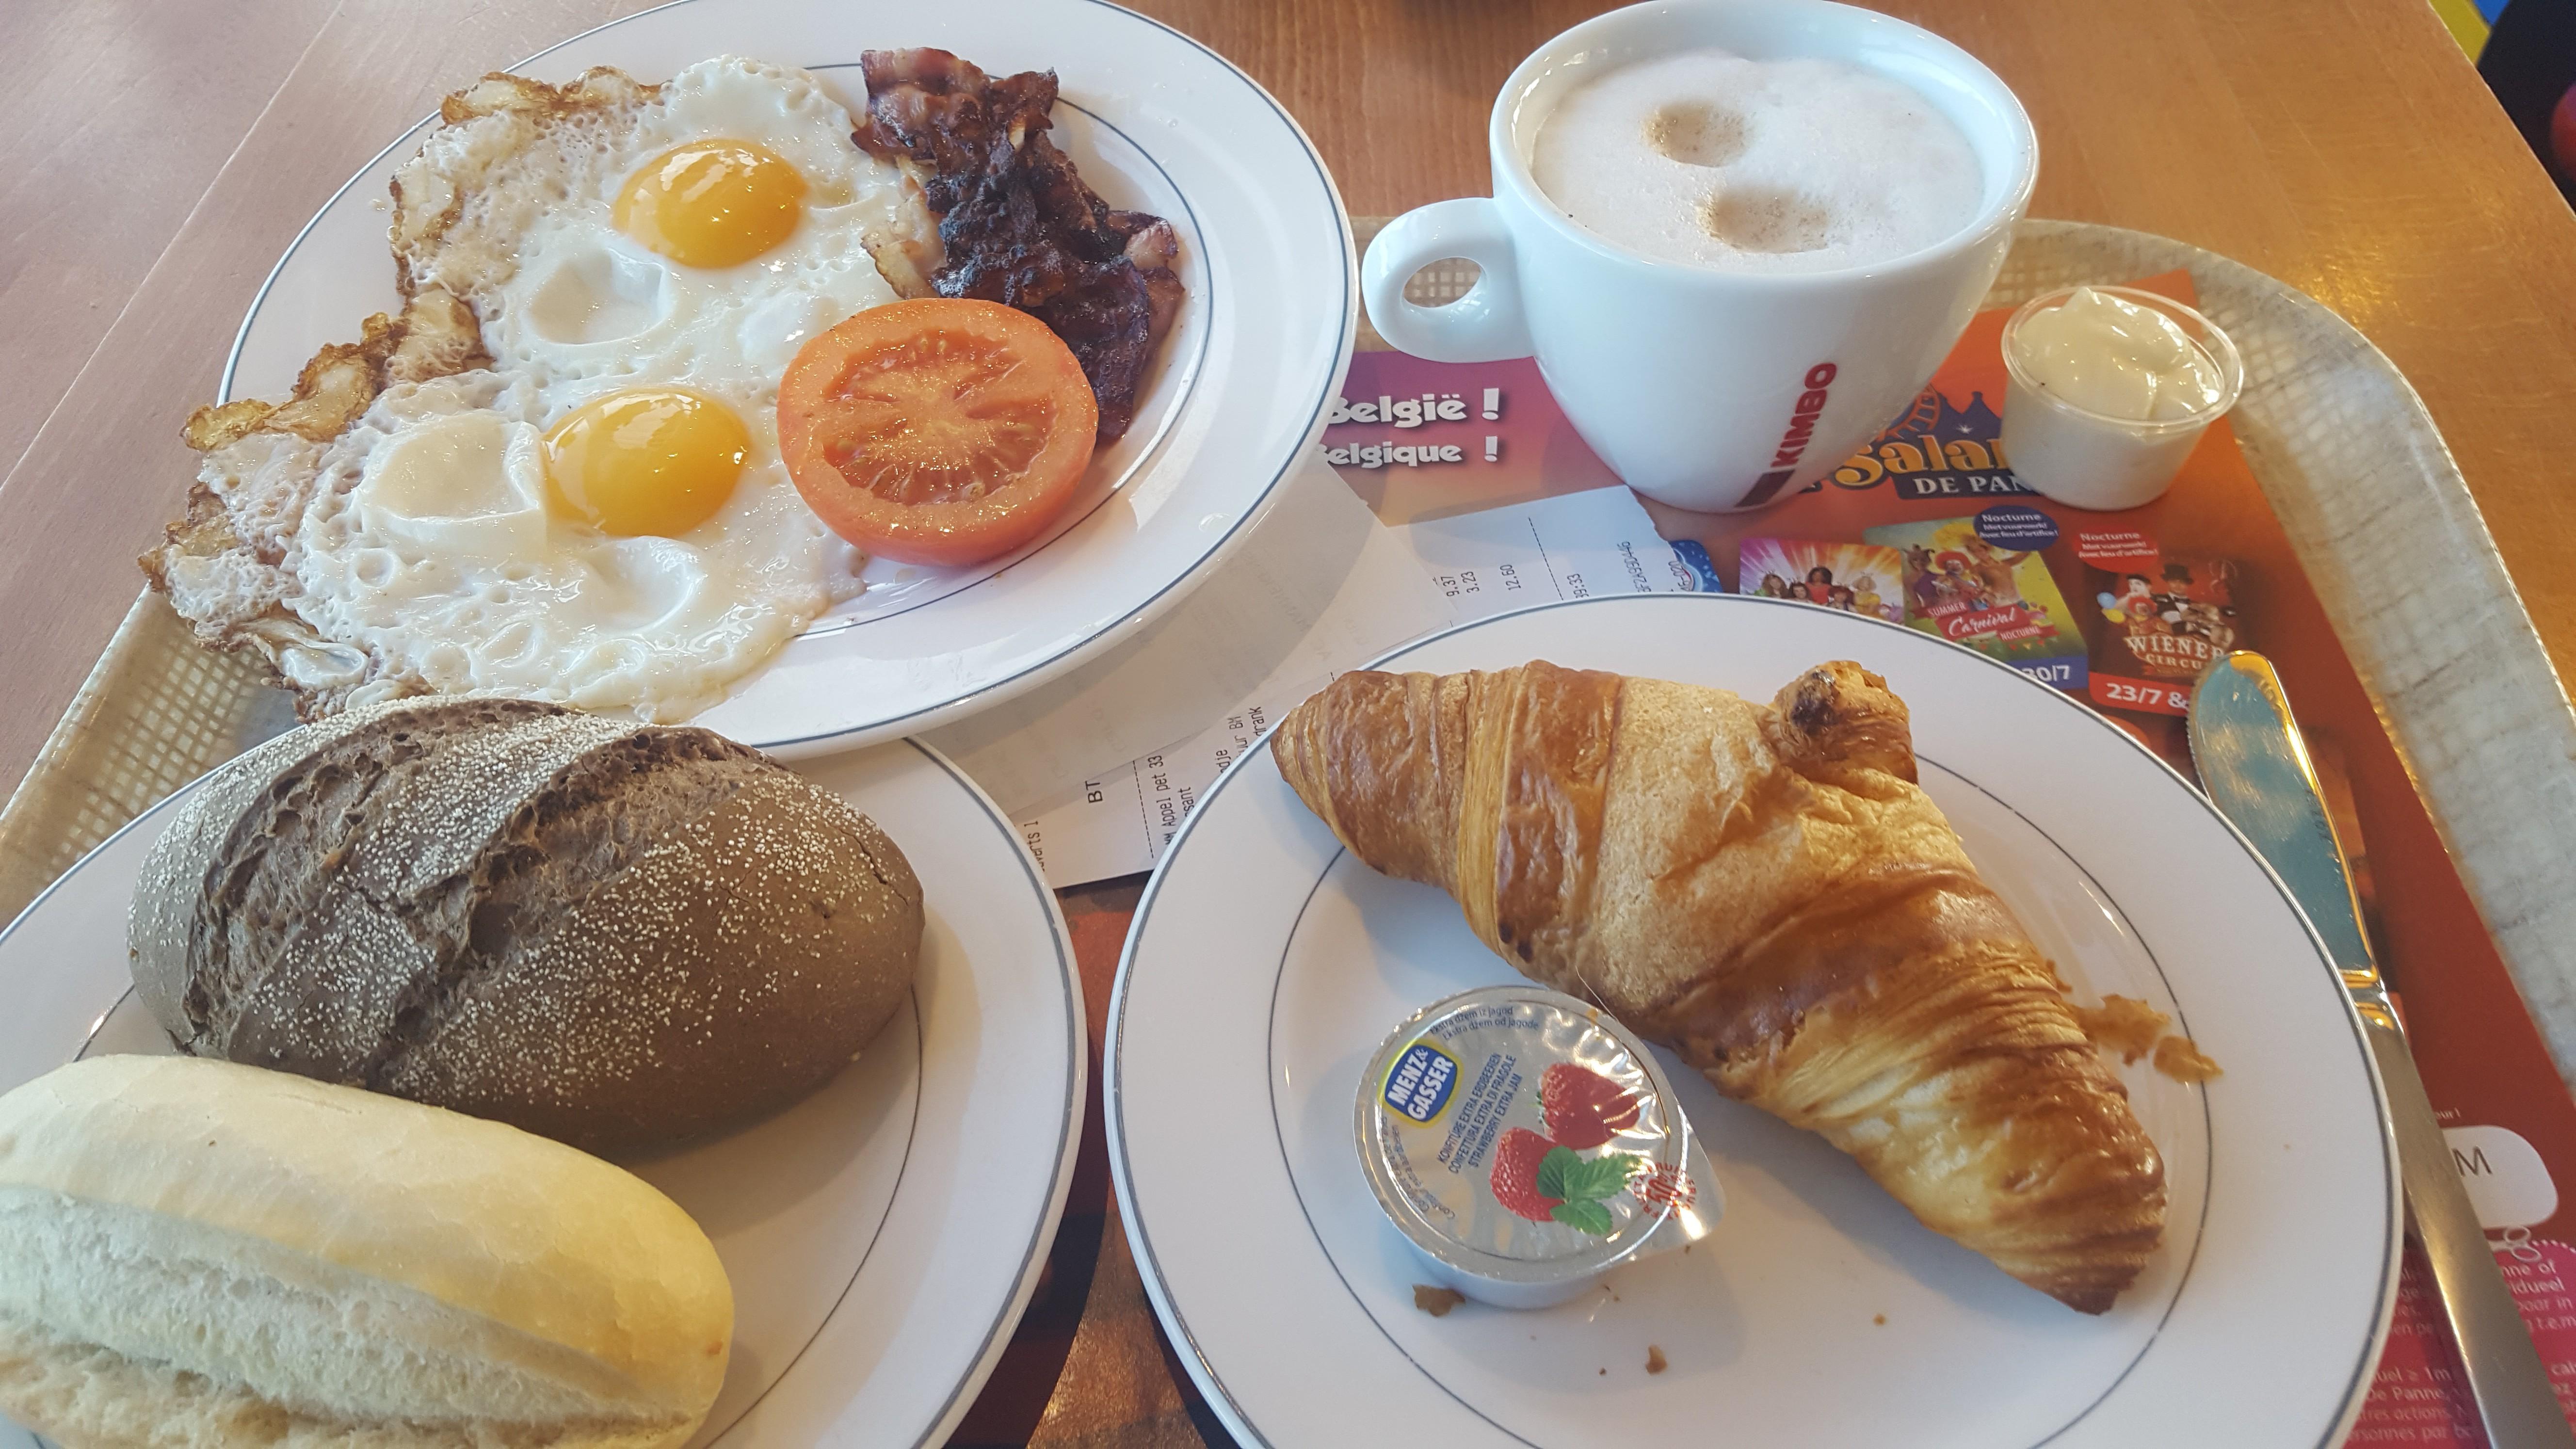 ontbijtje-in-mannekensvere